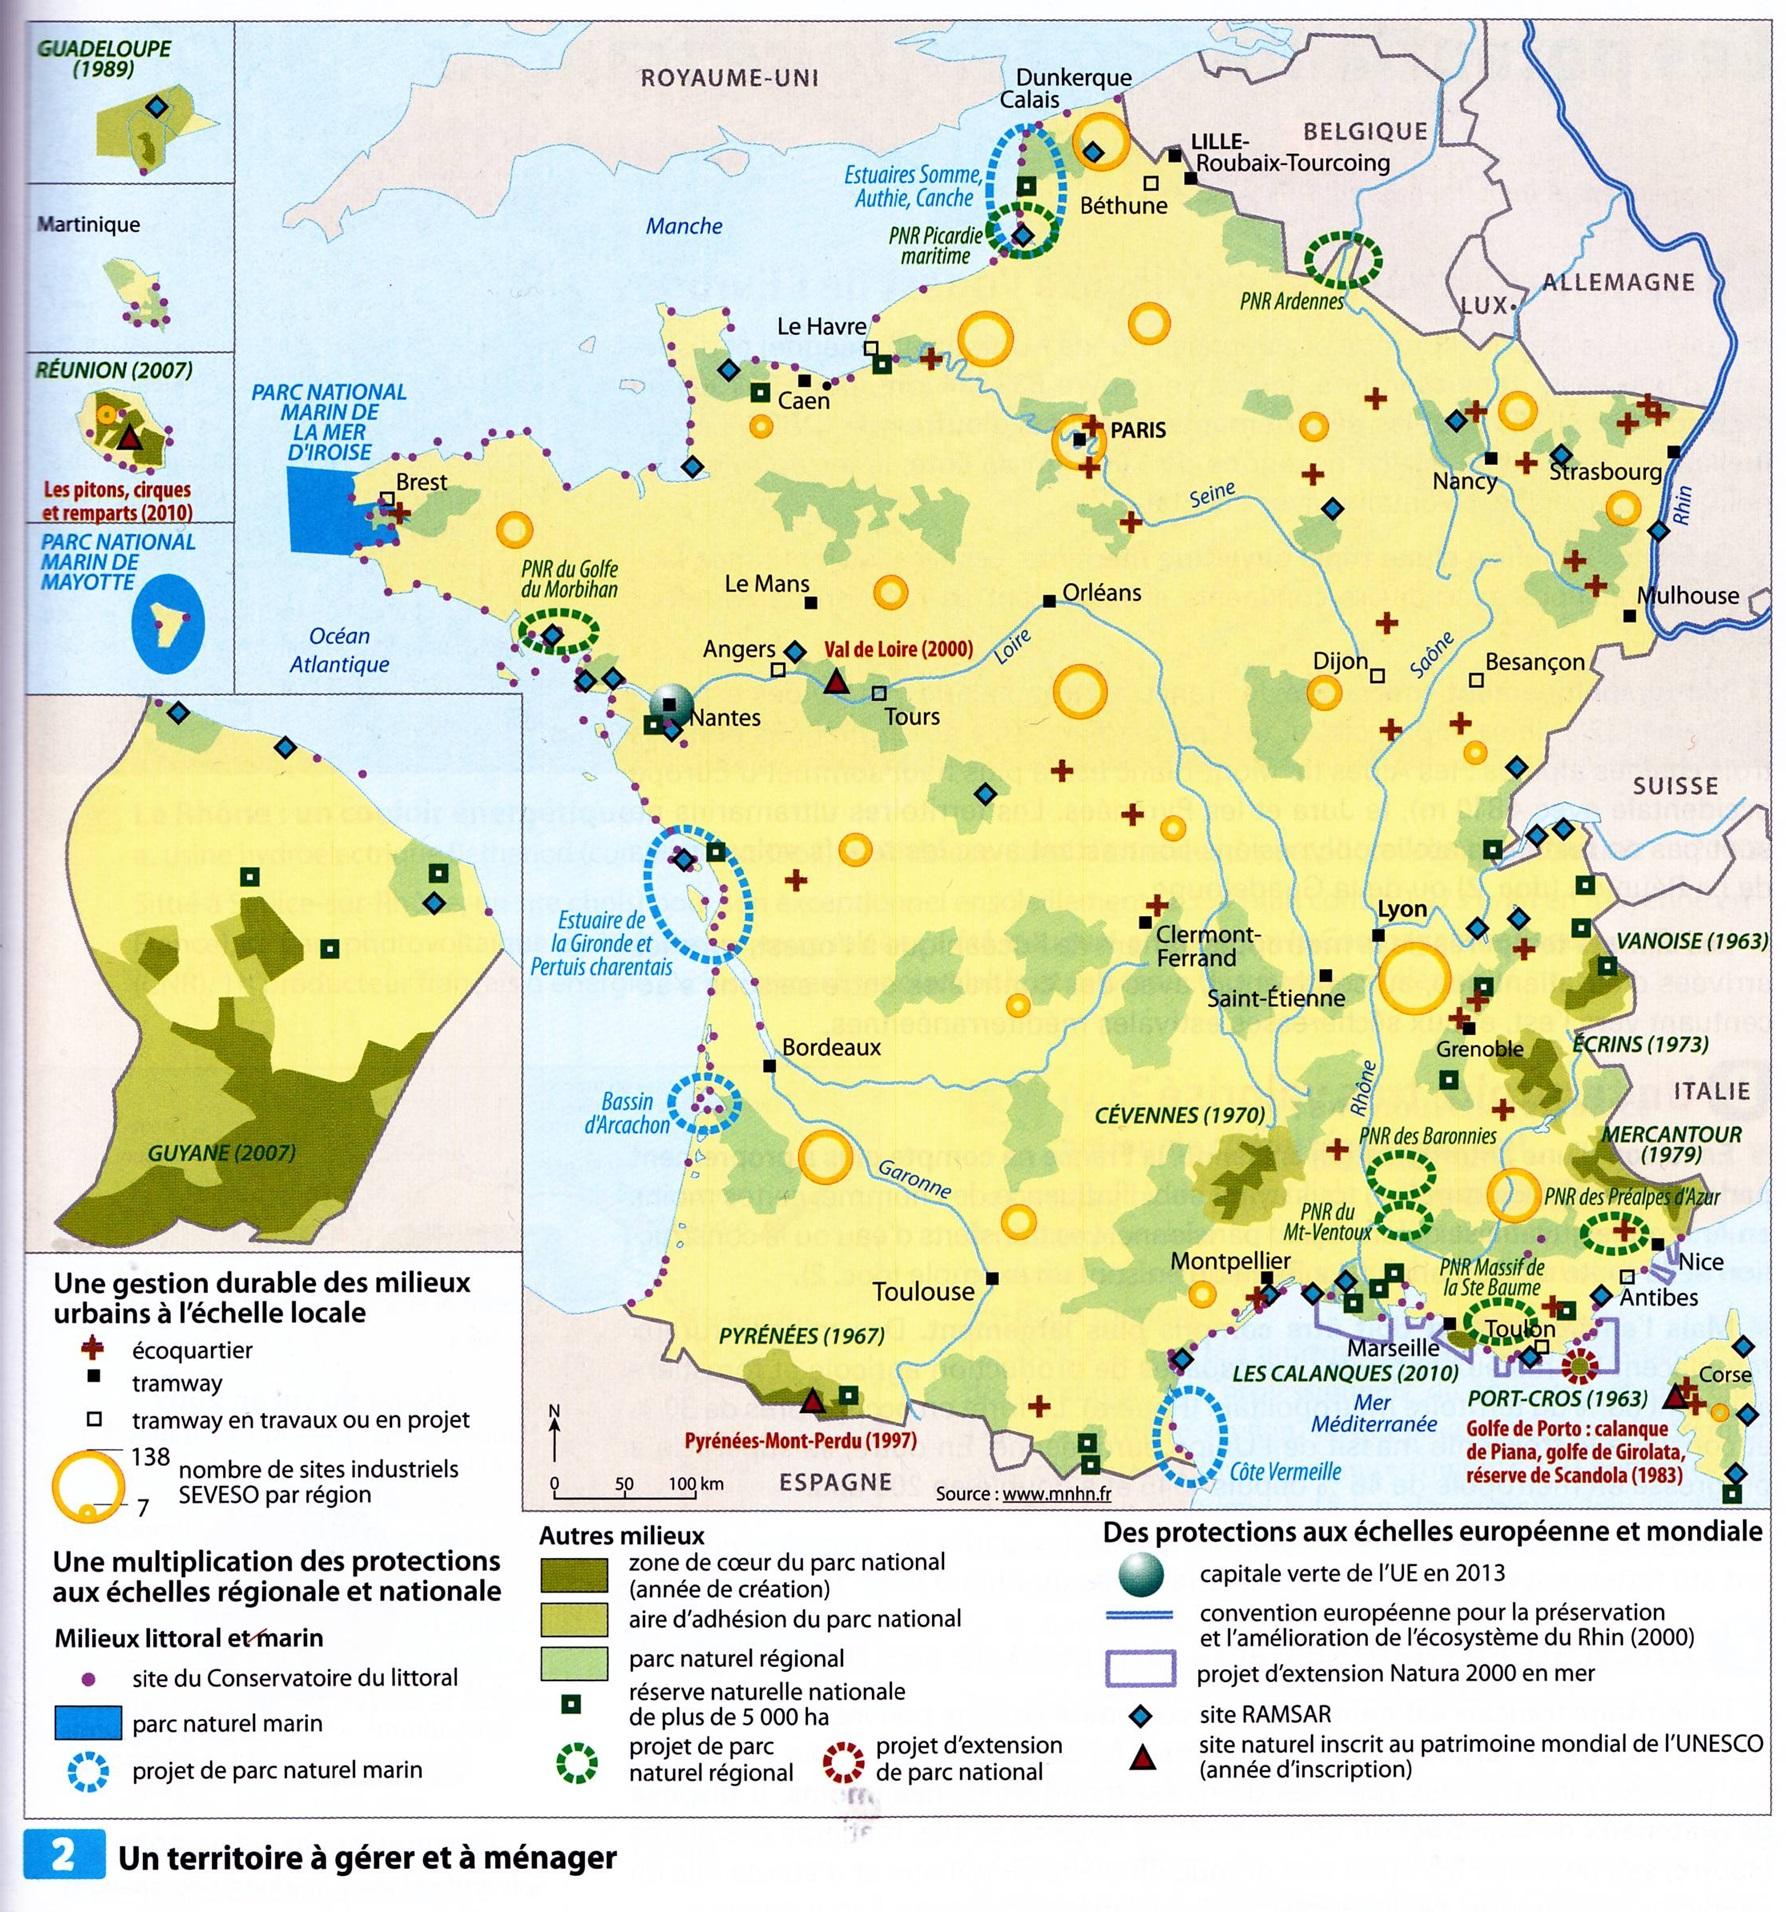 Potentialités et contraintes du territoire français controle